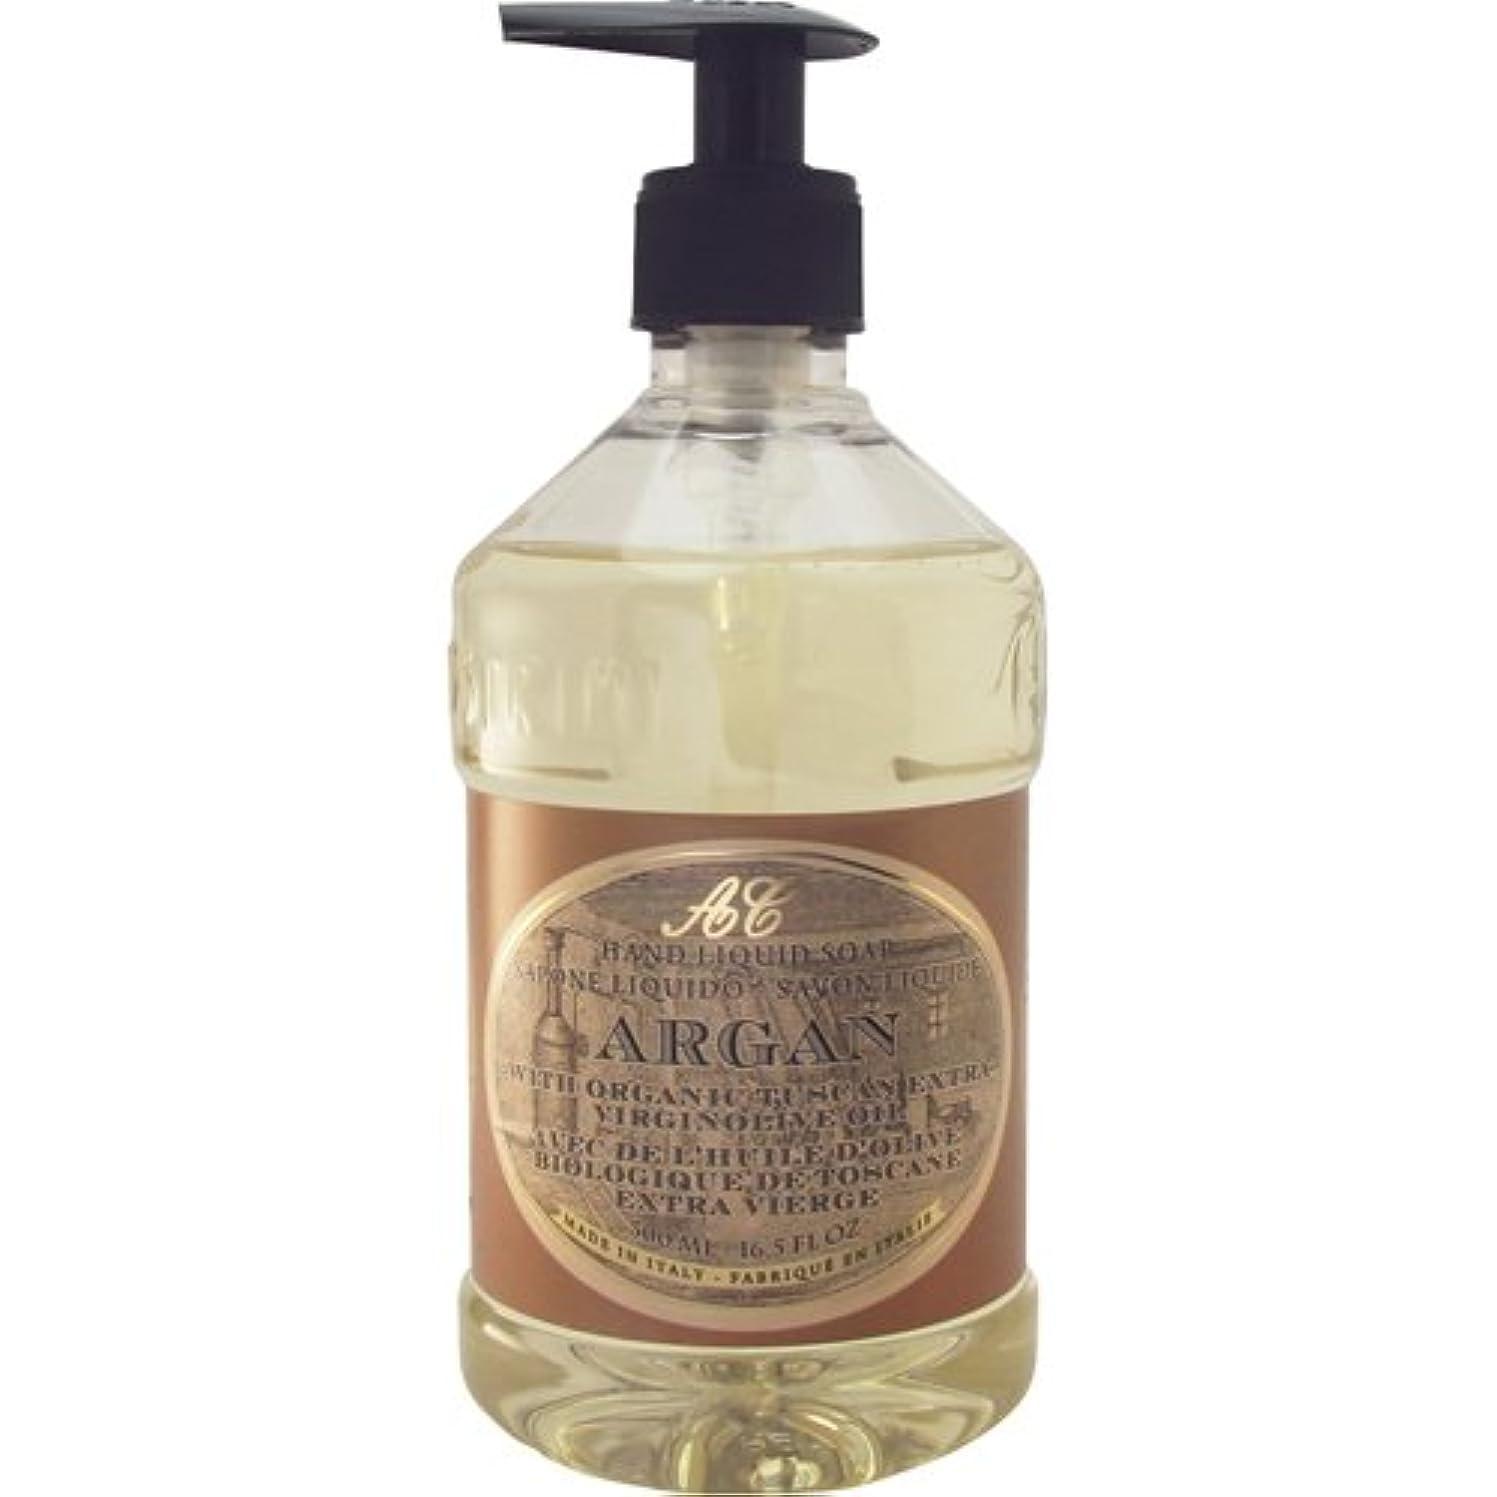 露砦ローマ人Saponerire Fissi レトロシリーズ Liquid Soap リキッドソープ 500ml Argan アルガンオイル